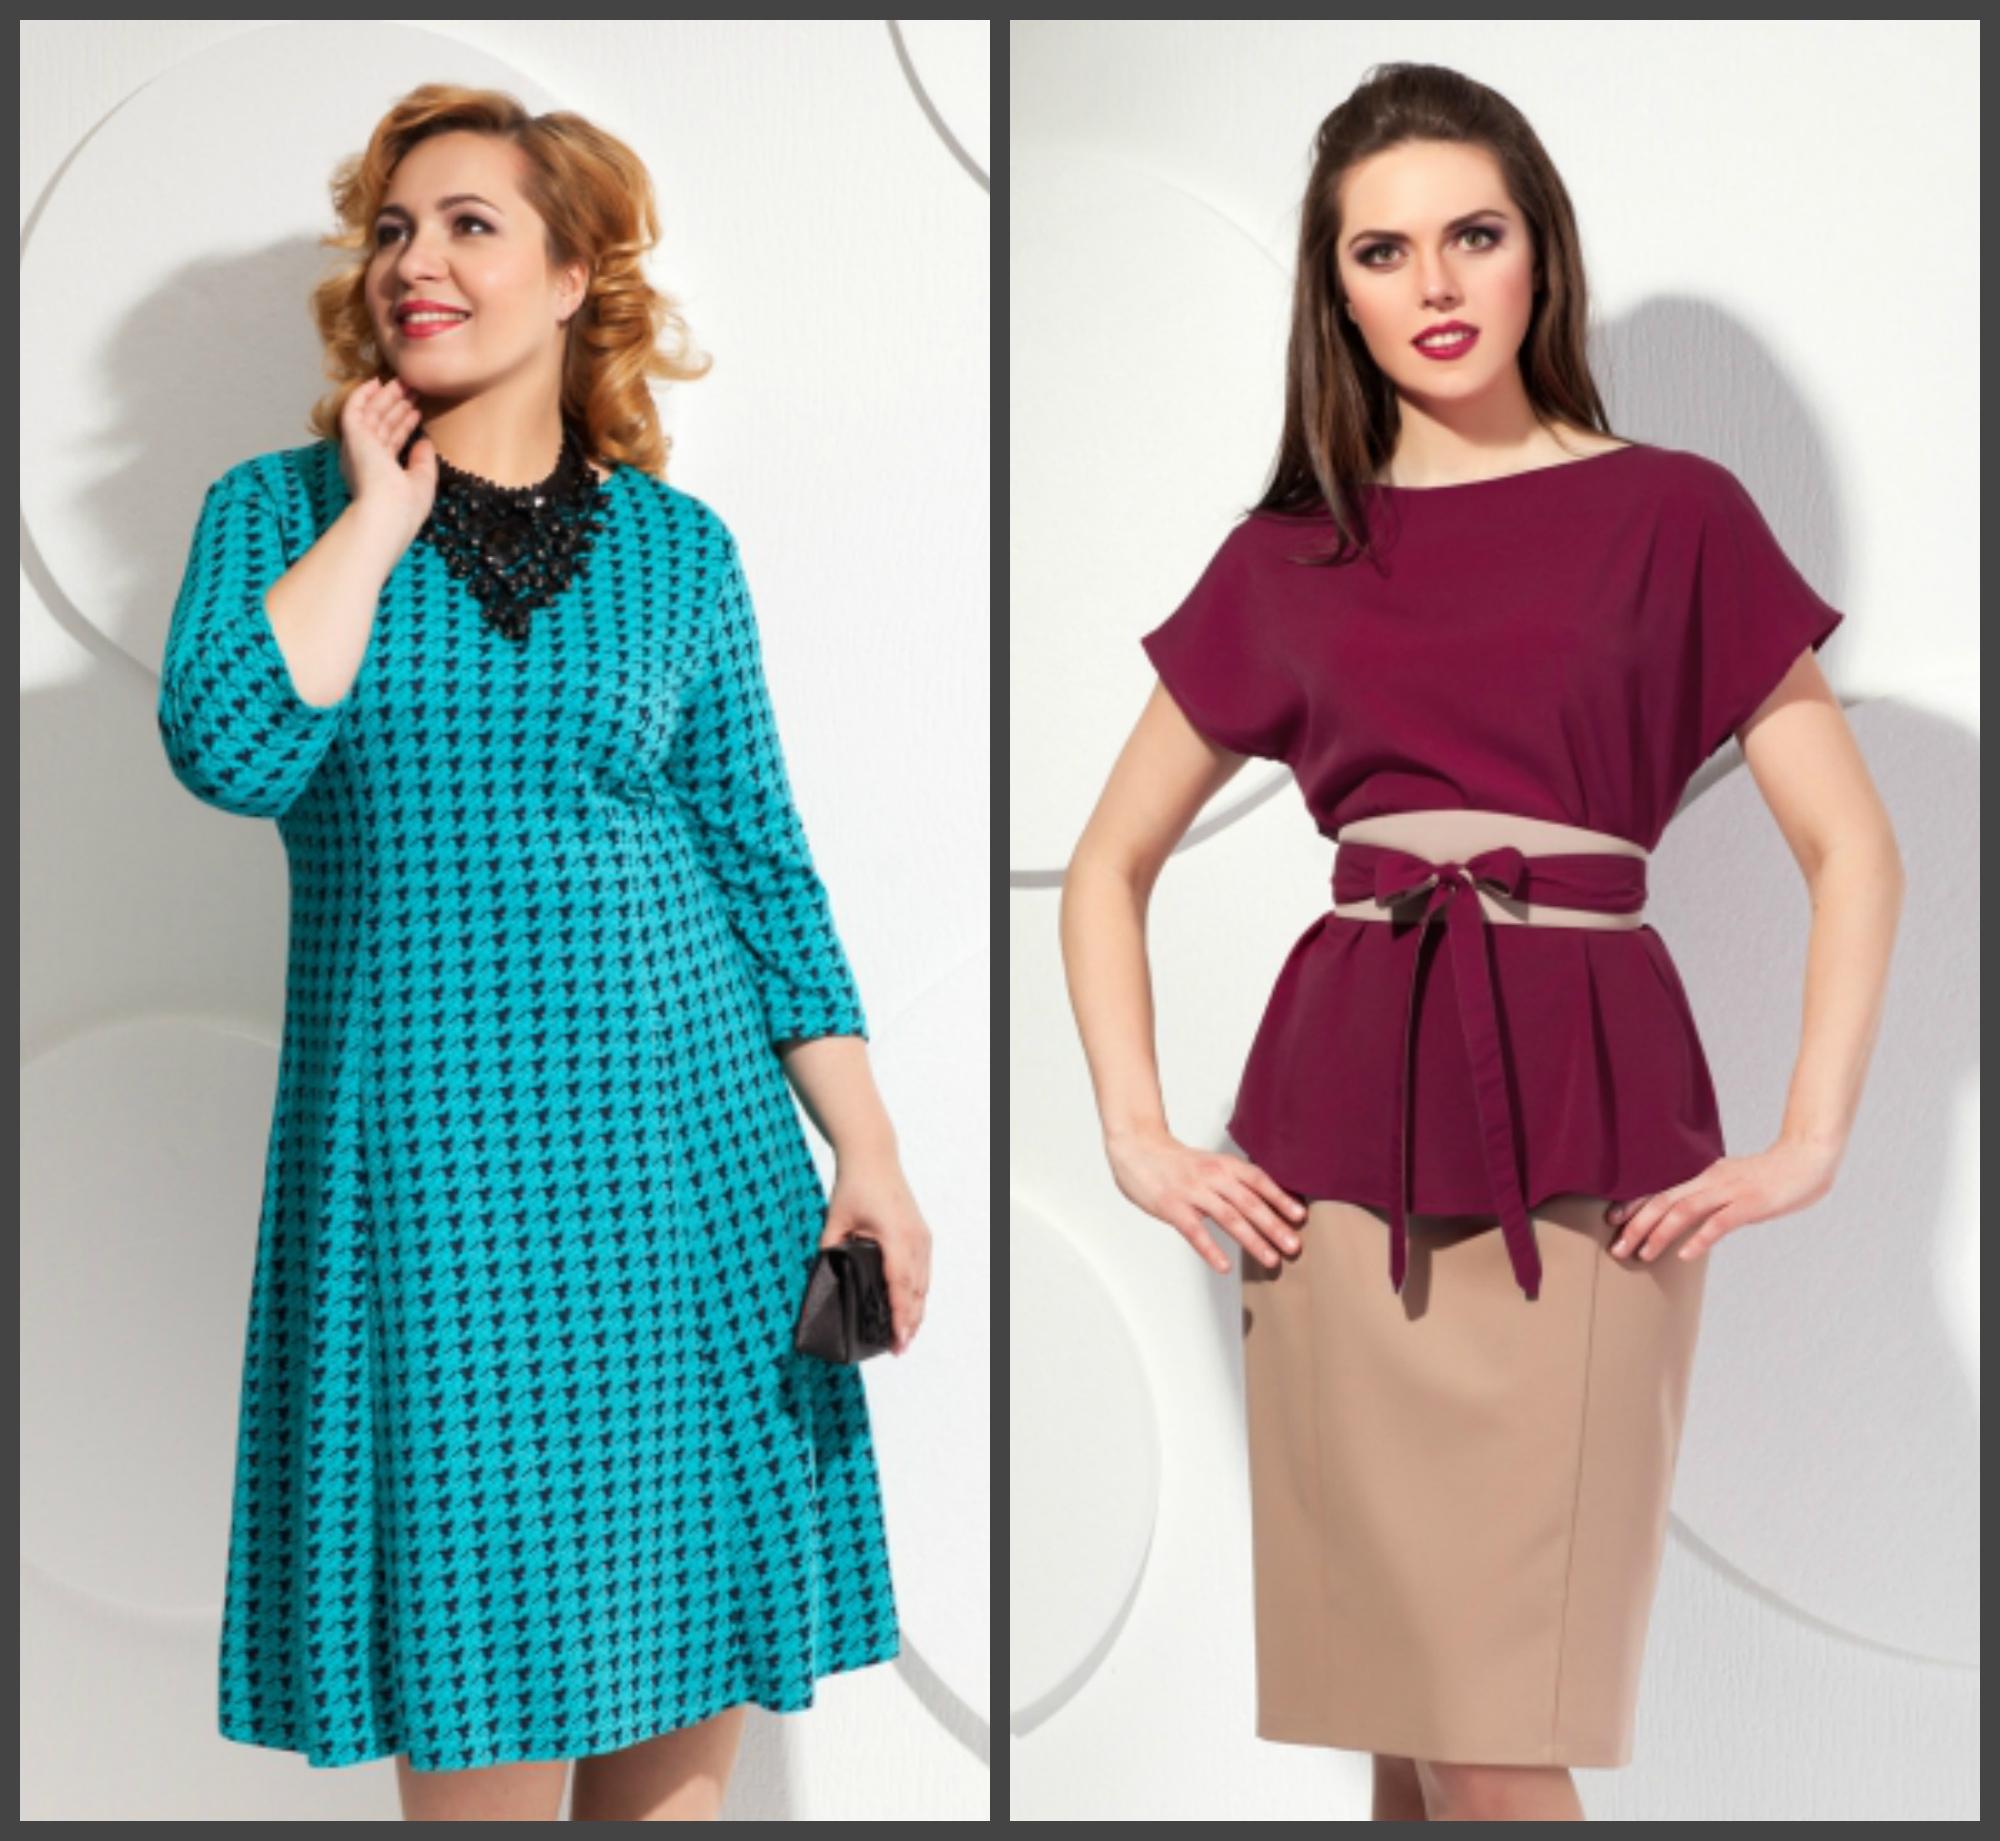 Сбор заказов. Modellos - женская одежда первоклассного качества, выполненная в безупречном стиле! Размеры от 40 до 64-го. Орг сбор 10%. Выкуп 5